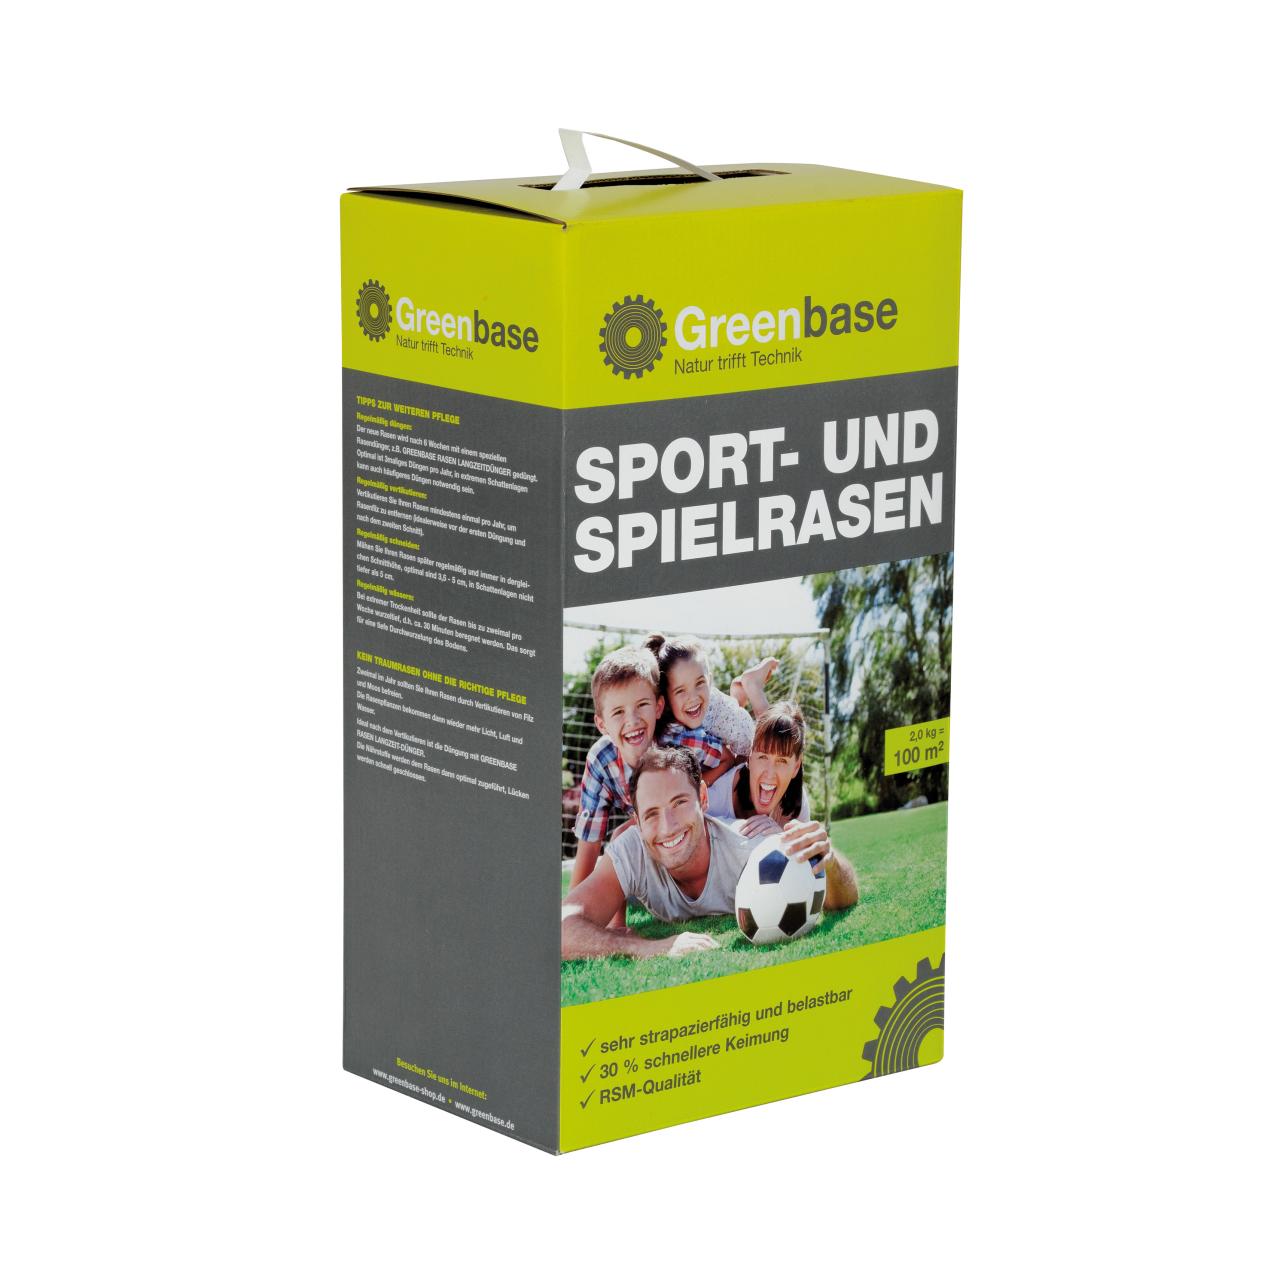 Sport und Spielrasen für 100 m²